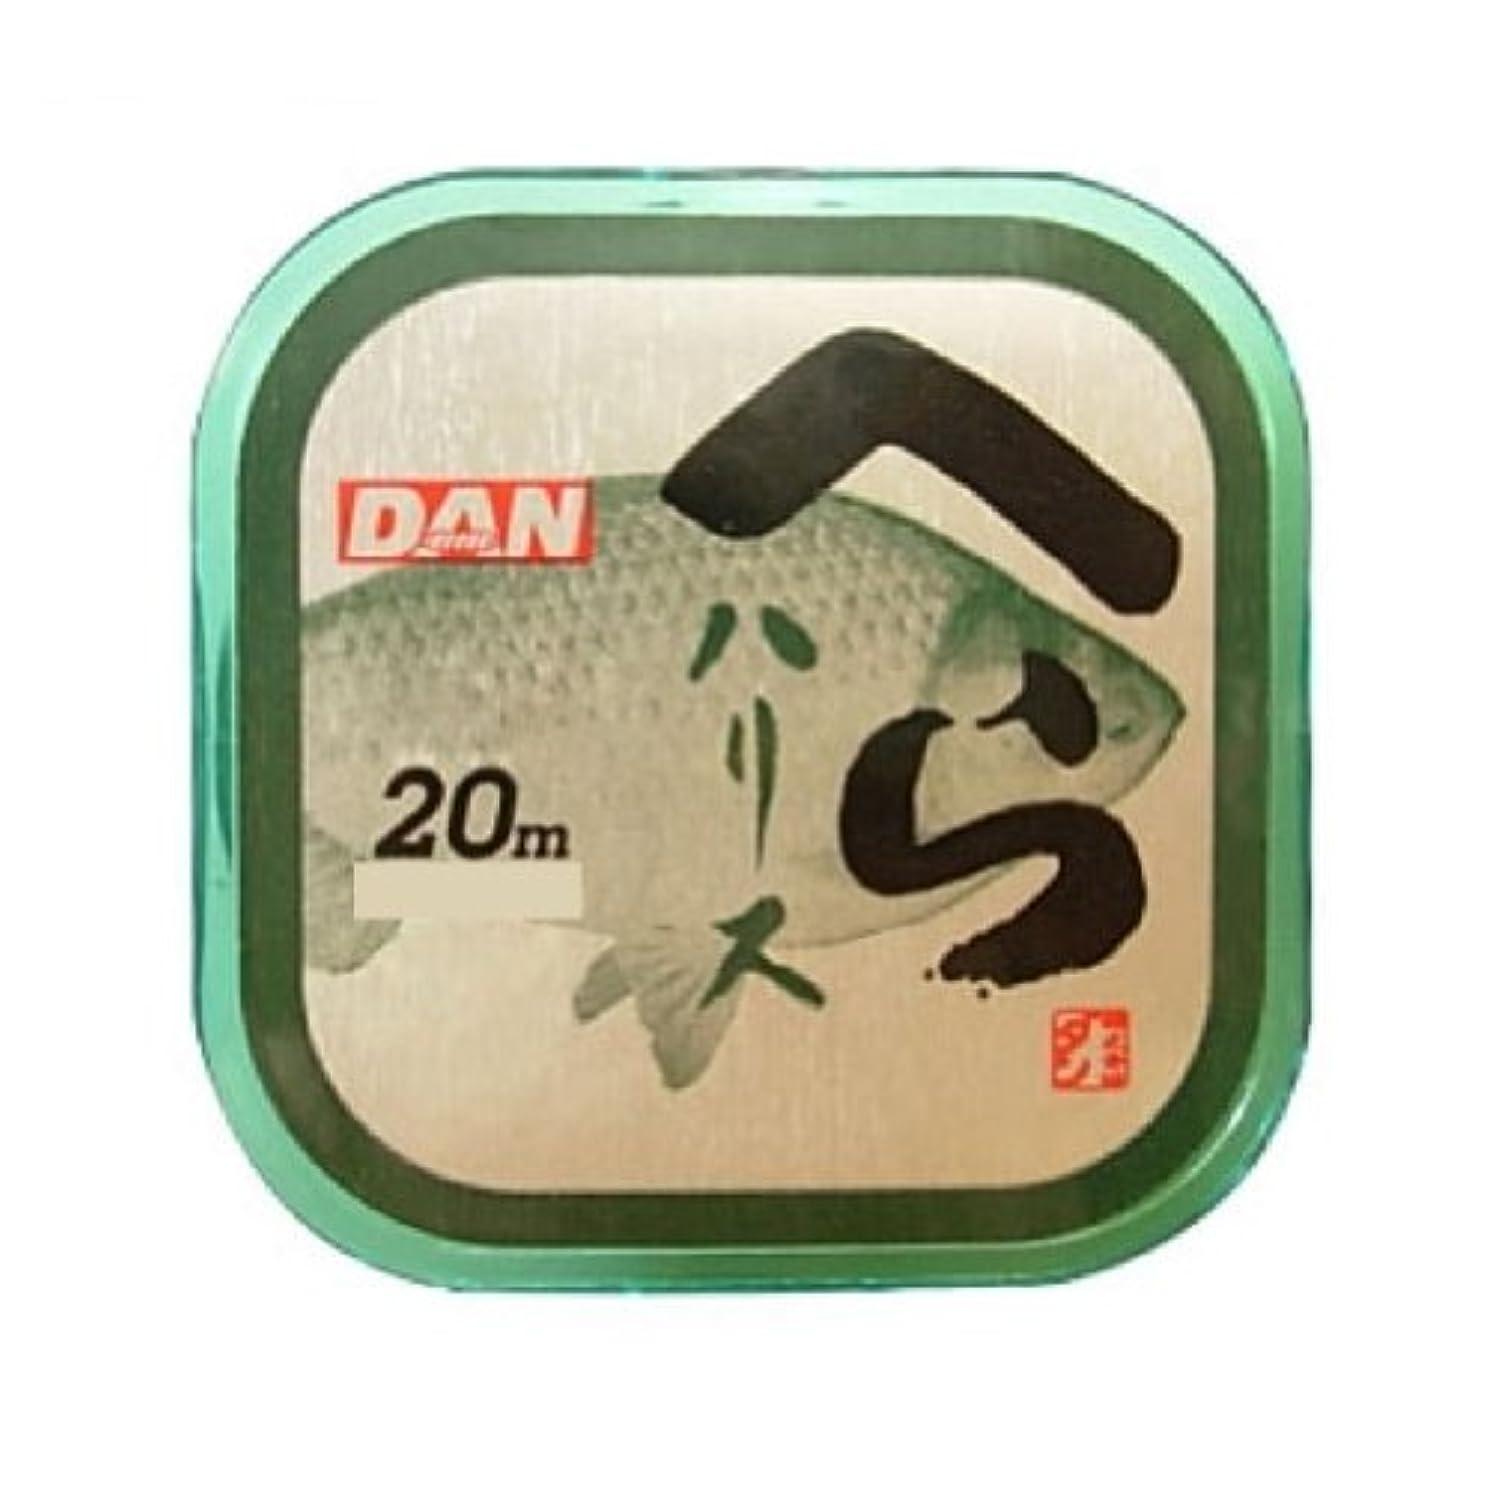 タヒチ変動するプロポーショナルダン(DAN) ライン へらハリス 20m 0.8号